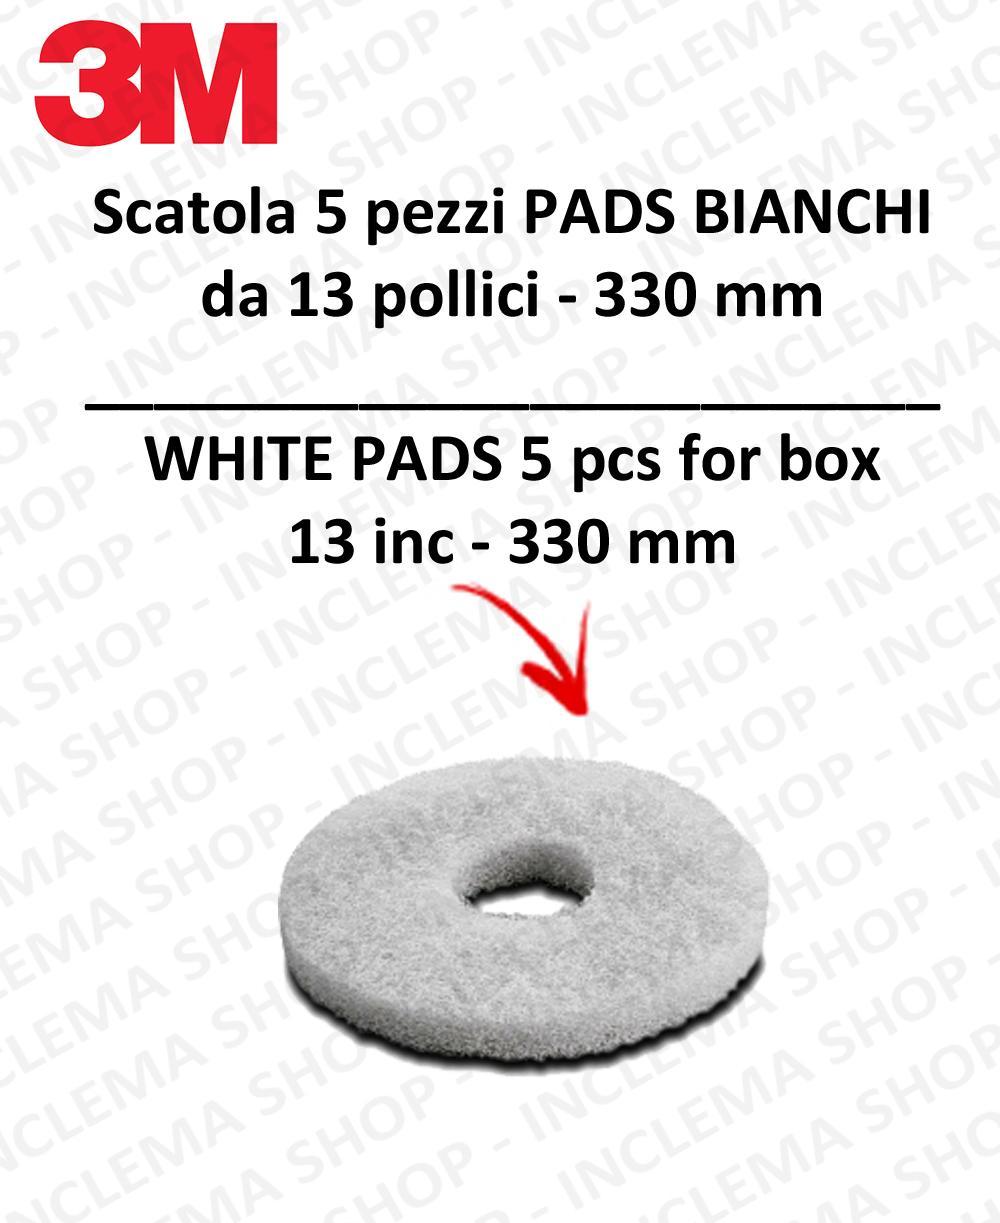 Disques Pad 3M couleur Blanc, pour autolaveuses e monobrosse